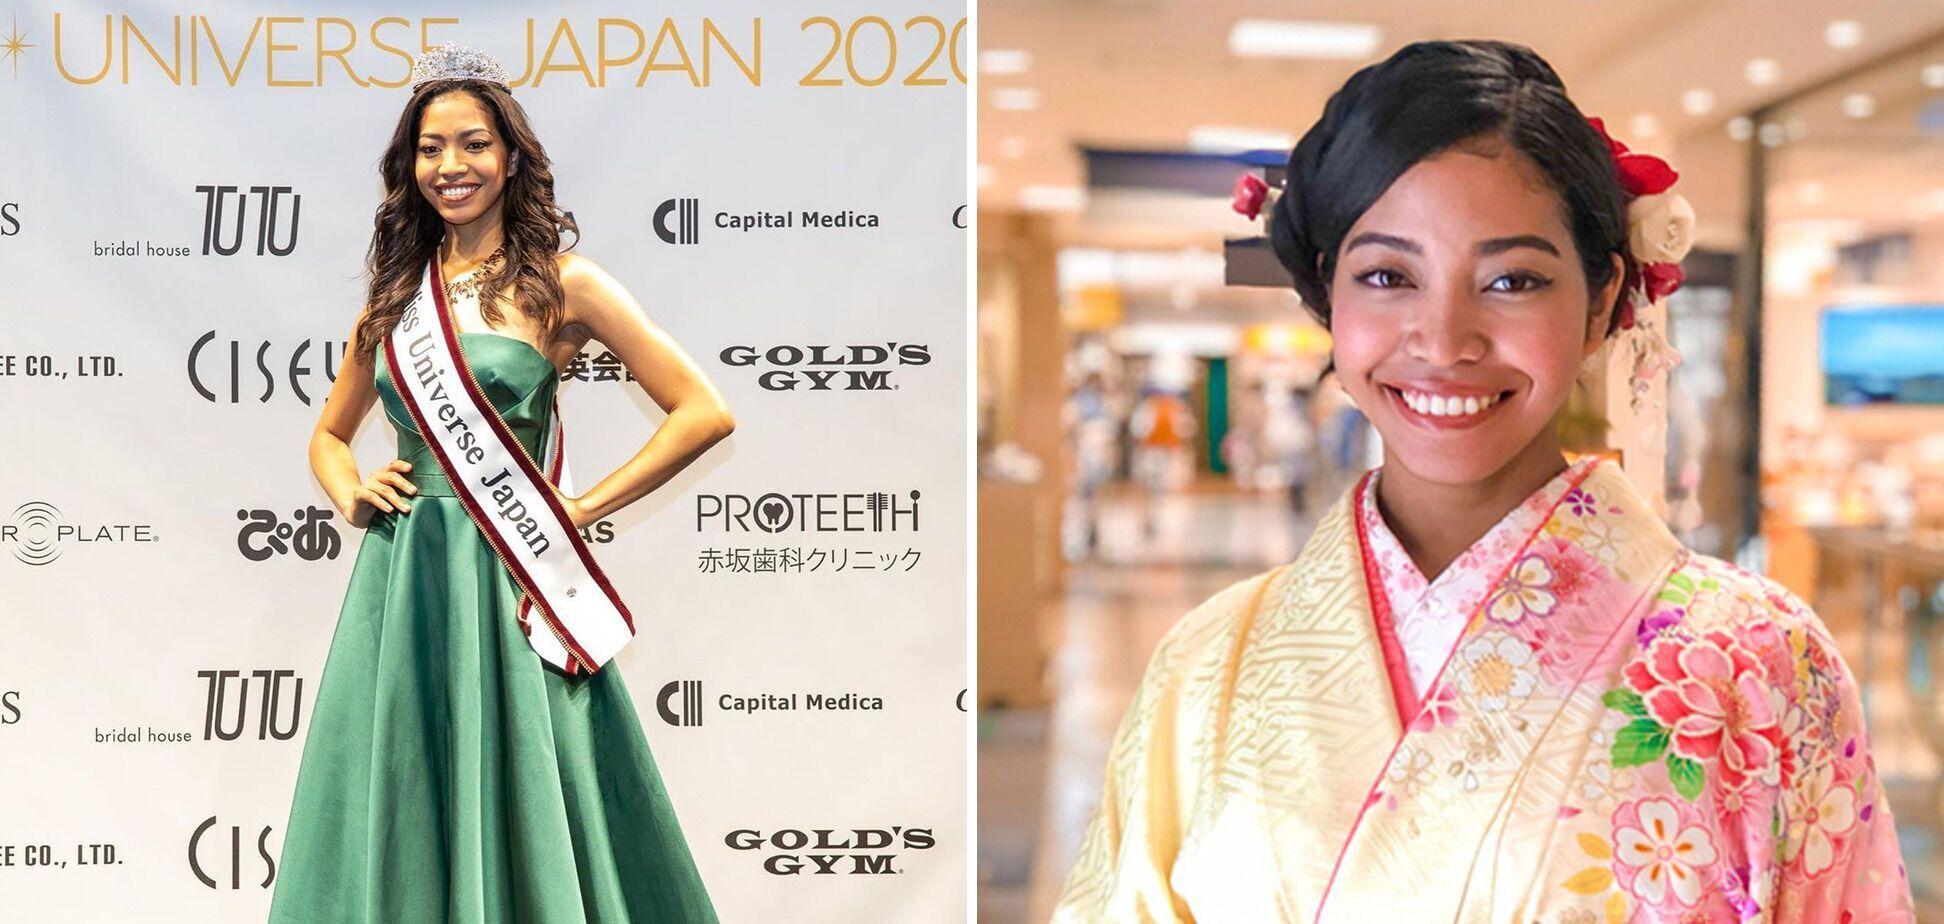 Аиша Точиги победила в конкурсе красоты в Японии